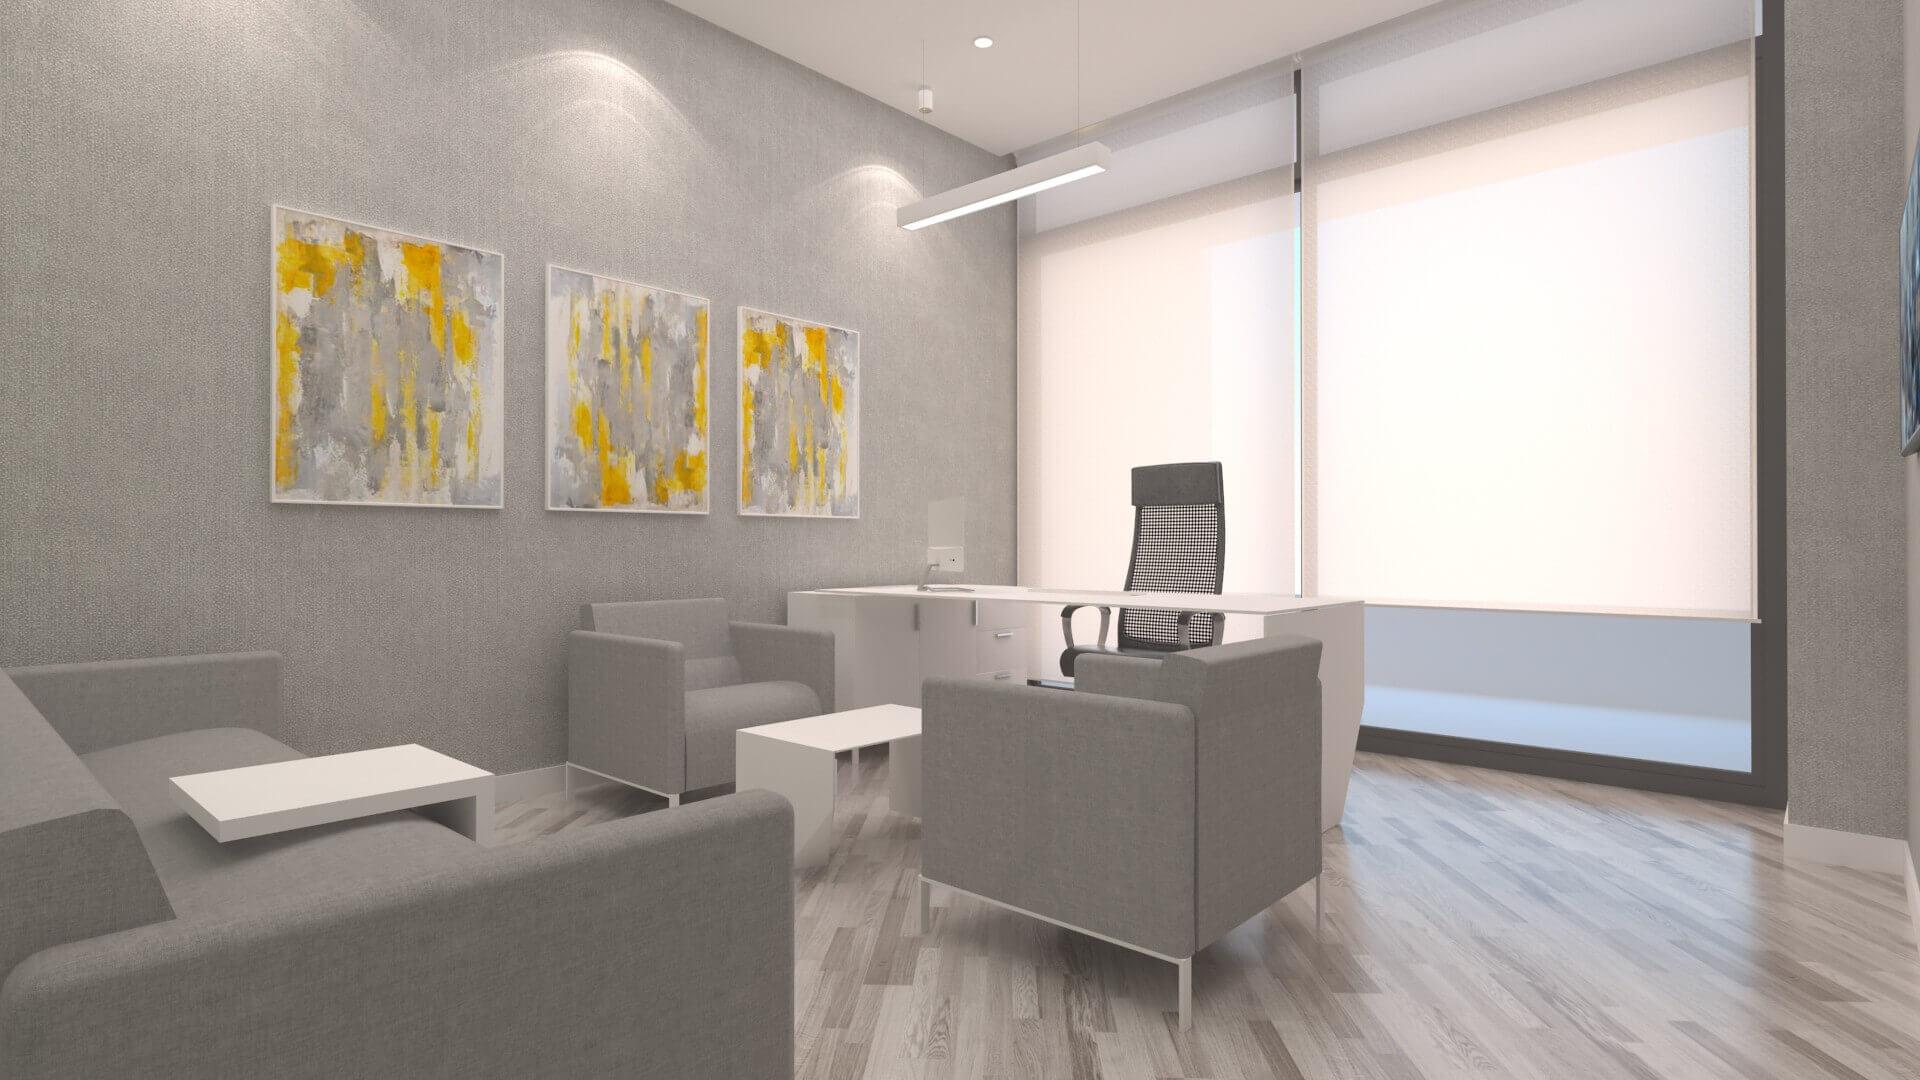 Officium 2689 RG Ofis Ofisler